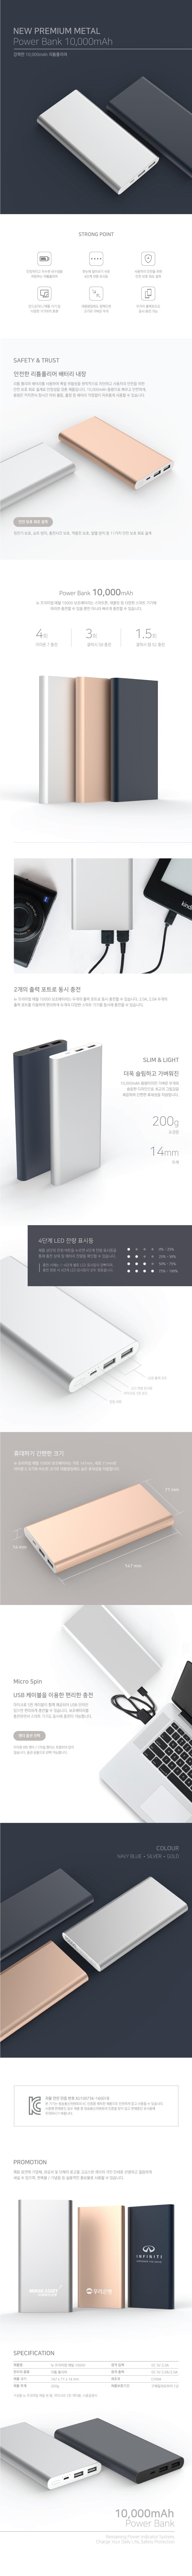 d_new%20metal_blnd.jpg